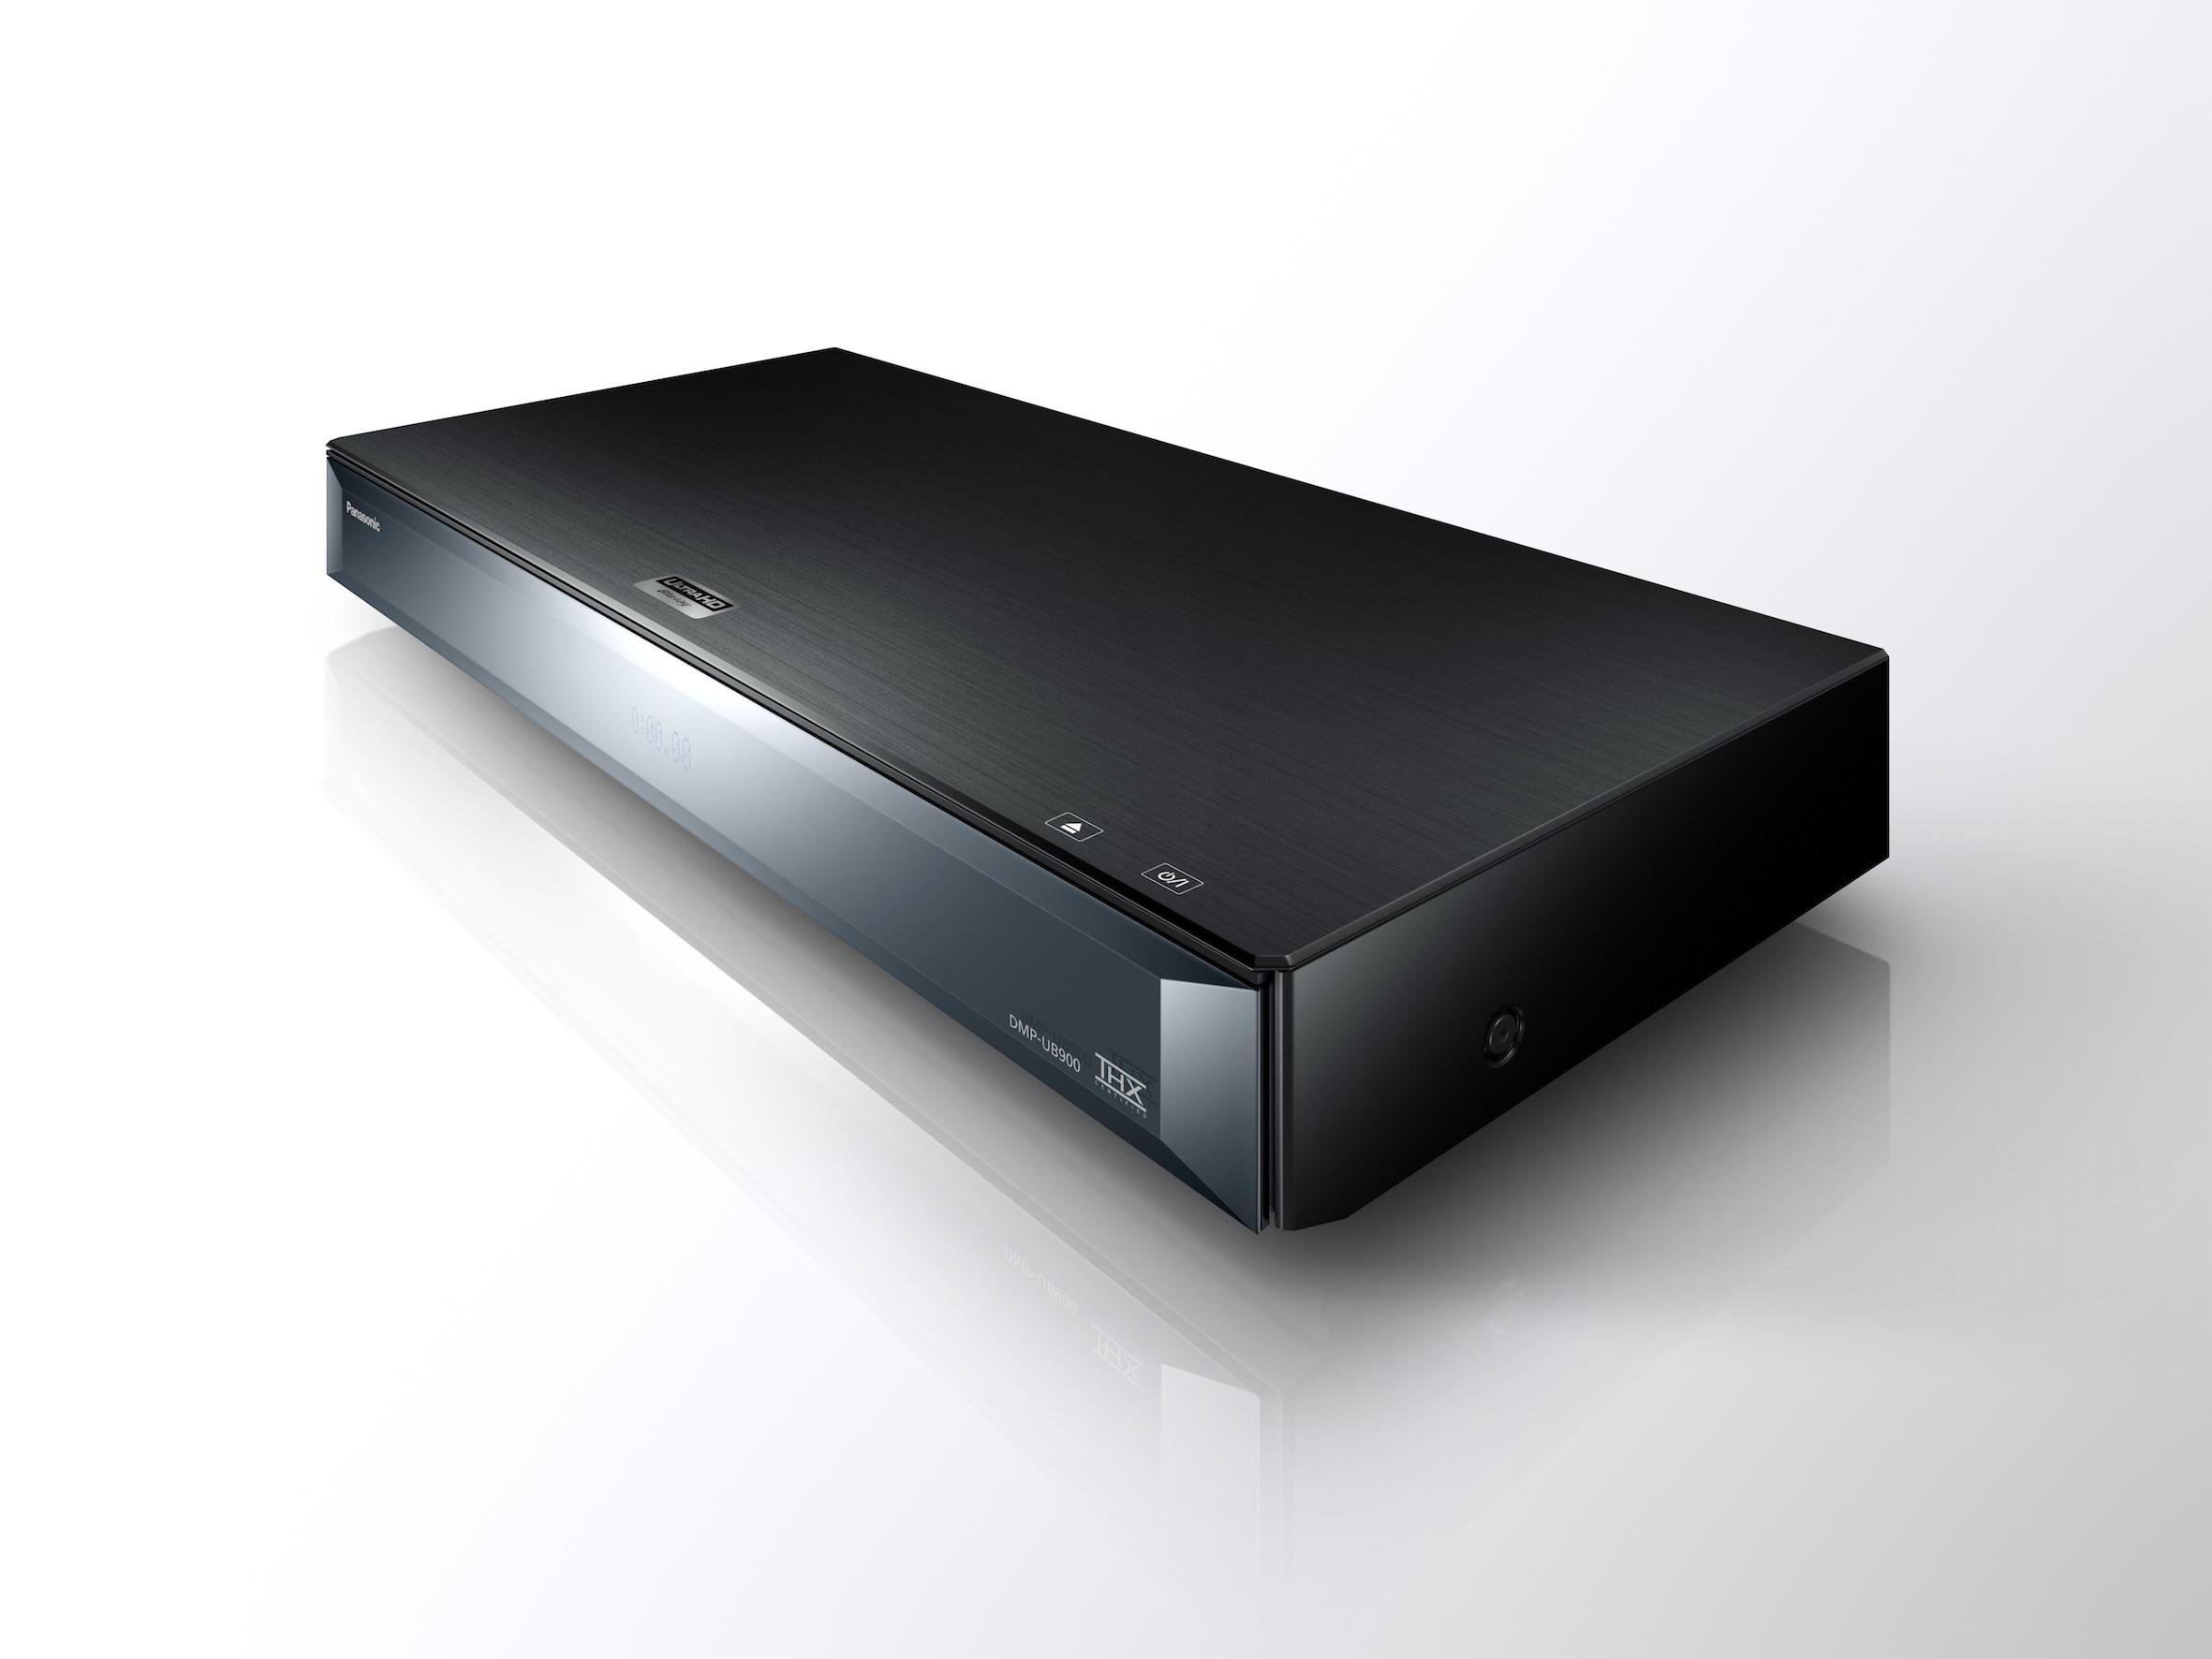 die ersten 4k blu ray player im vergleich panasonic dmp ub900 versus samsung ubd k8500. Black Bedroom Furniture Sets. Home Design Ideas